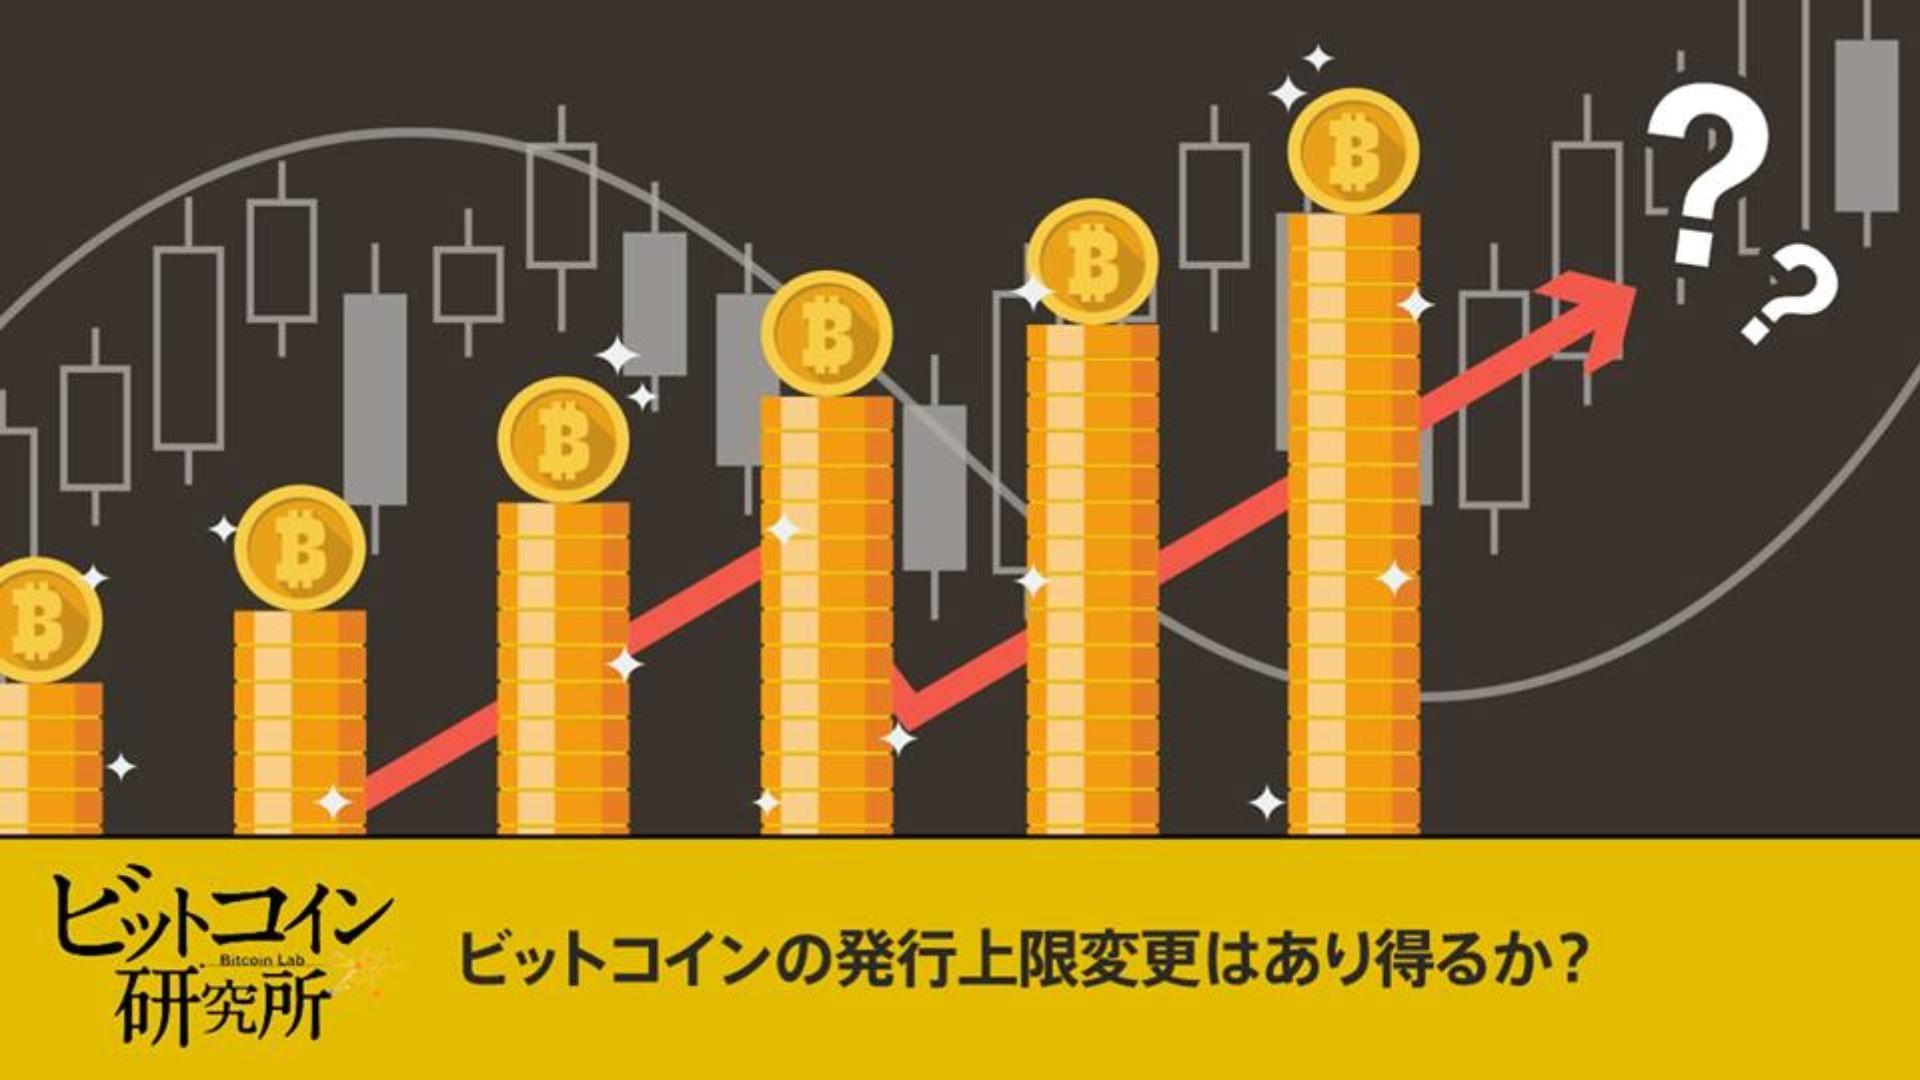 【レポート No.124】ビットコインの発行上限変更はあり得るか?